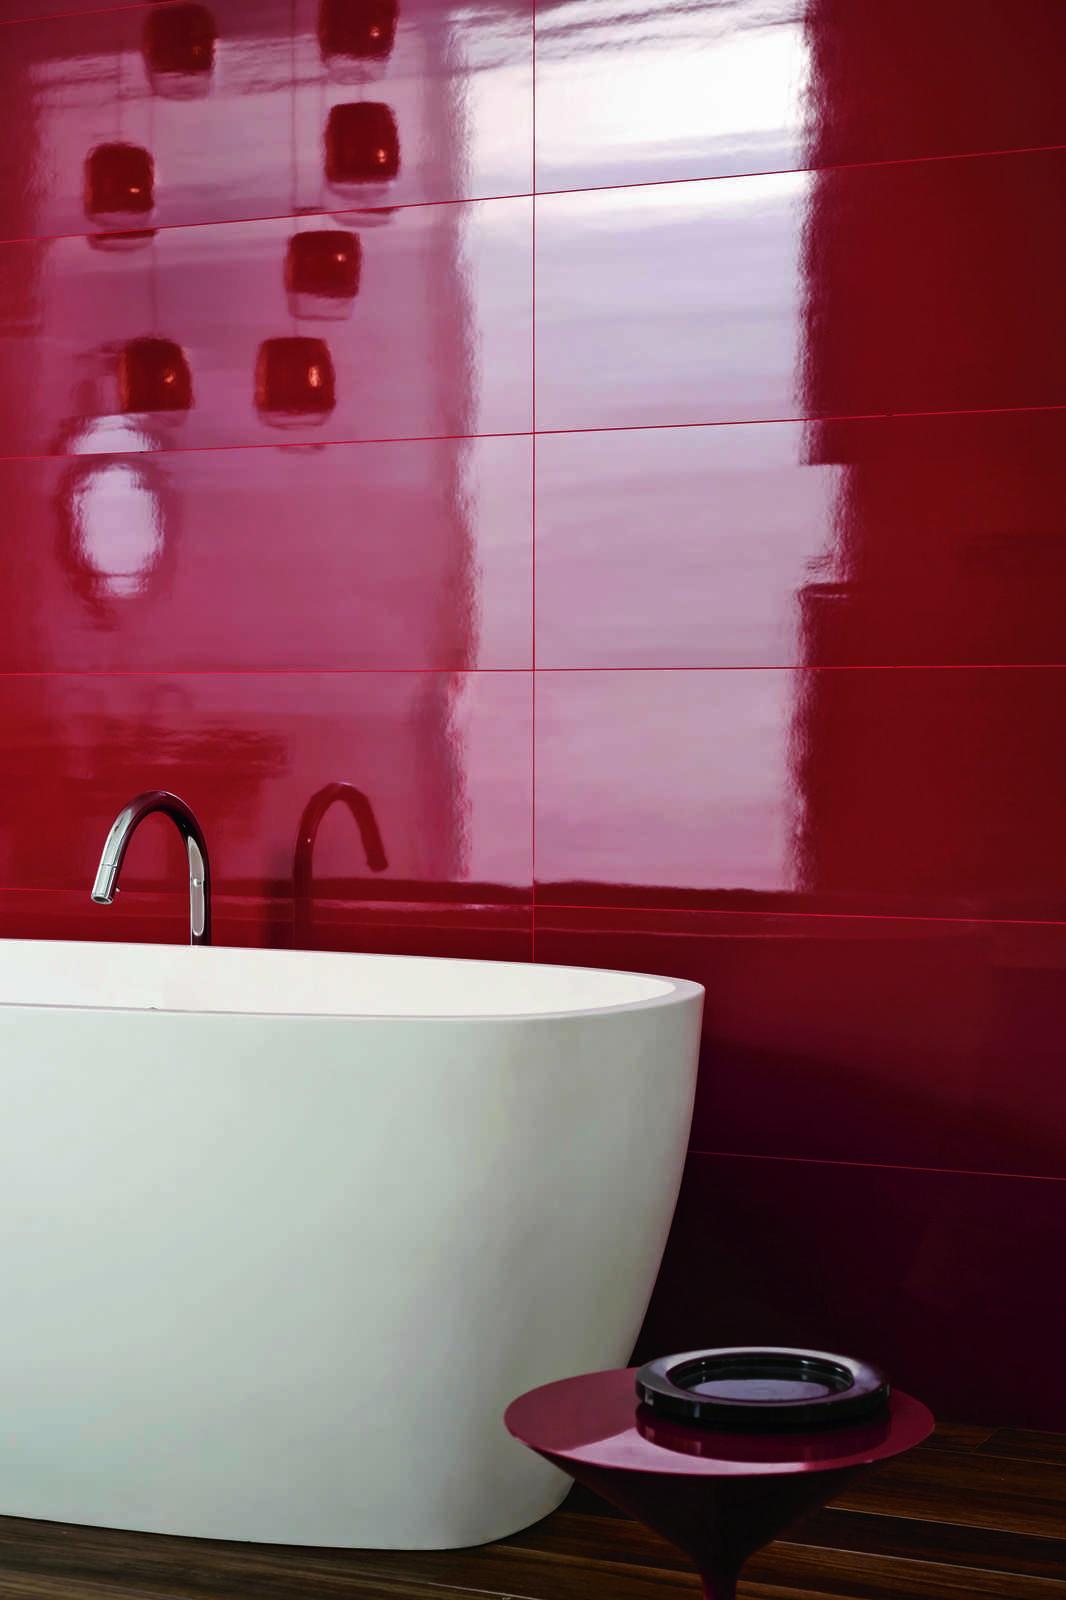 Piastrelle Rosso: guarda le collezioni   Marazzi